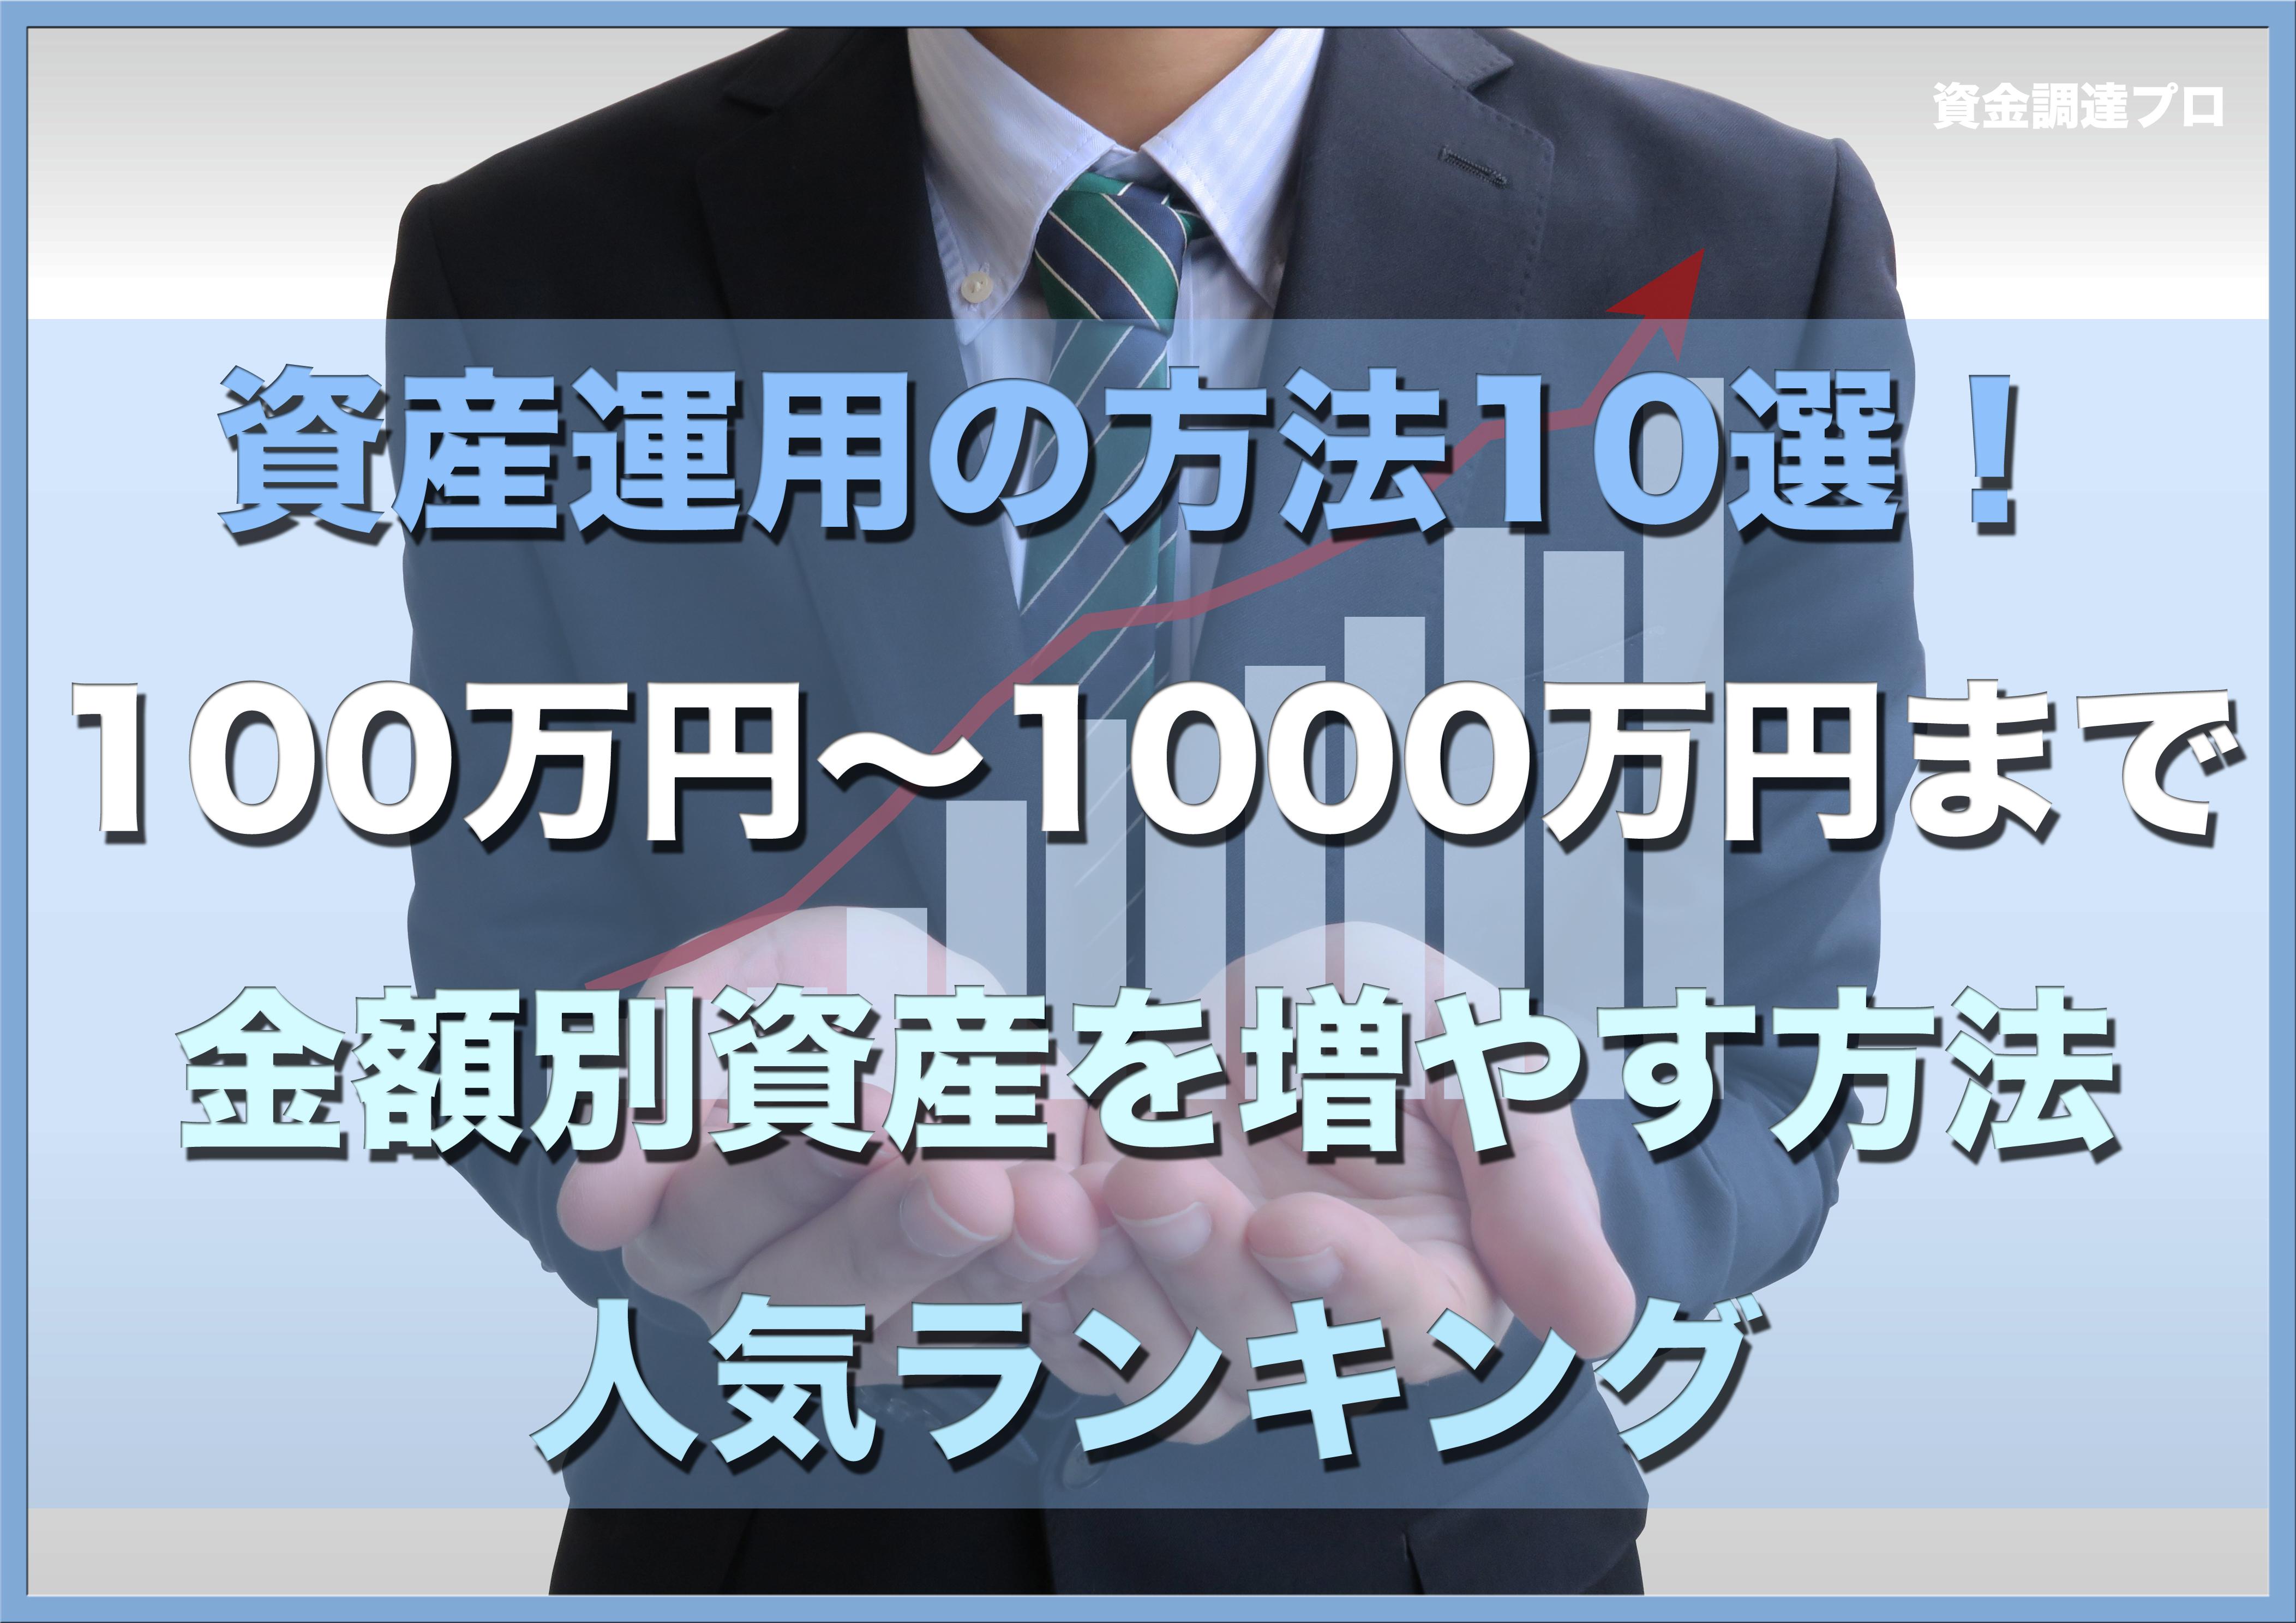 資産運用の方法10選!100万円~1000万円まで金額別資産を増やす方法